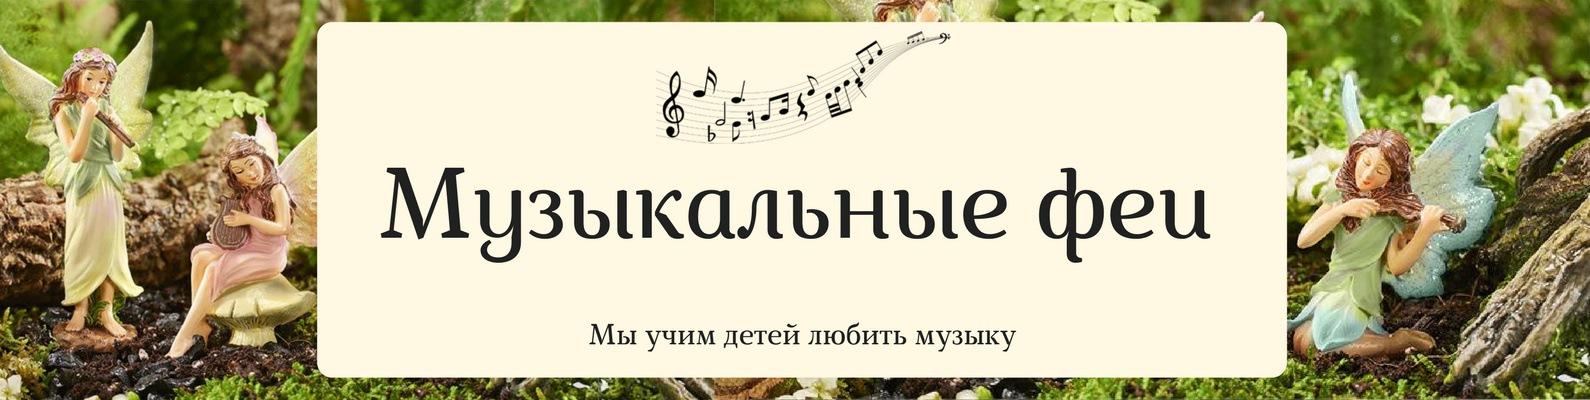 скачать бесплатно журнал музыкальных руководителей колокольчик